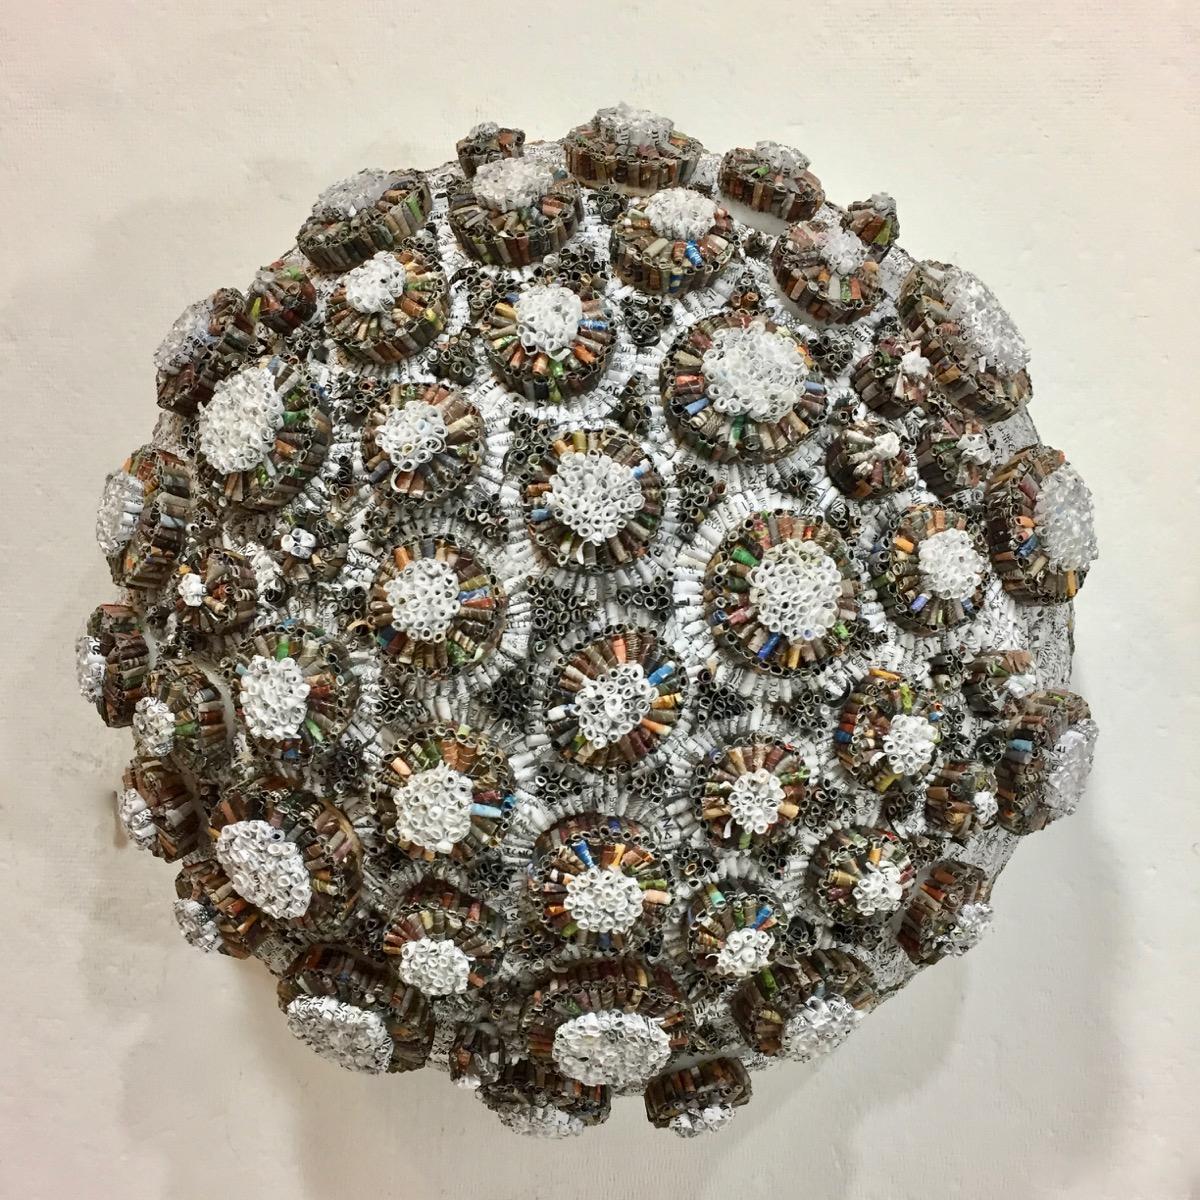 Jaynie Crimmins_paper sculpture